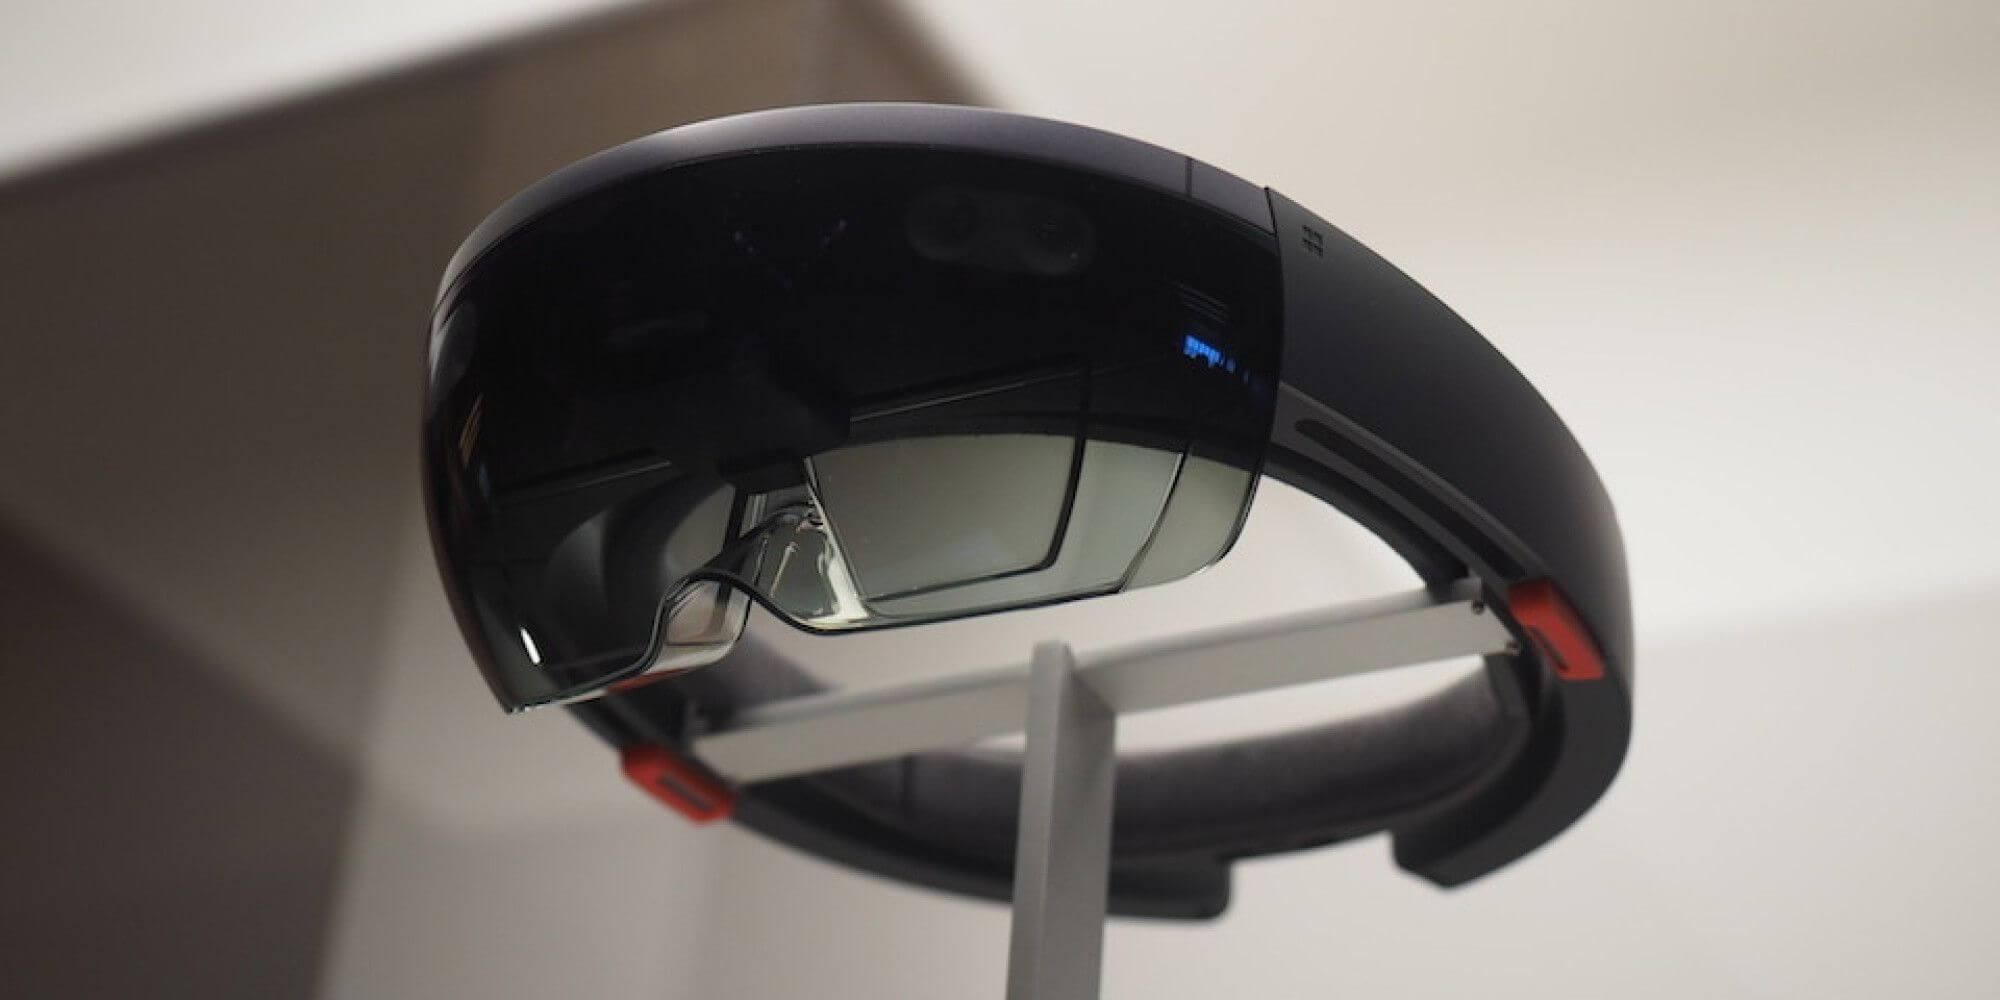 hololens - Google está desenvolvendo seu próprio HoloLens